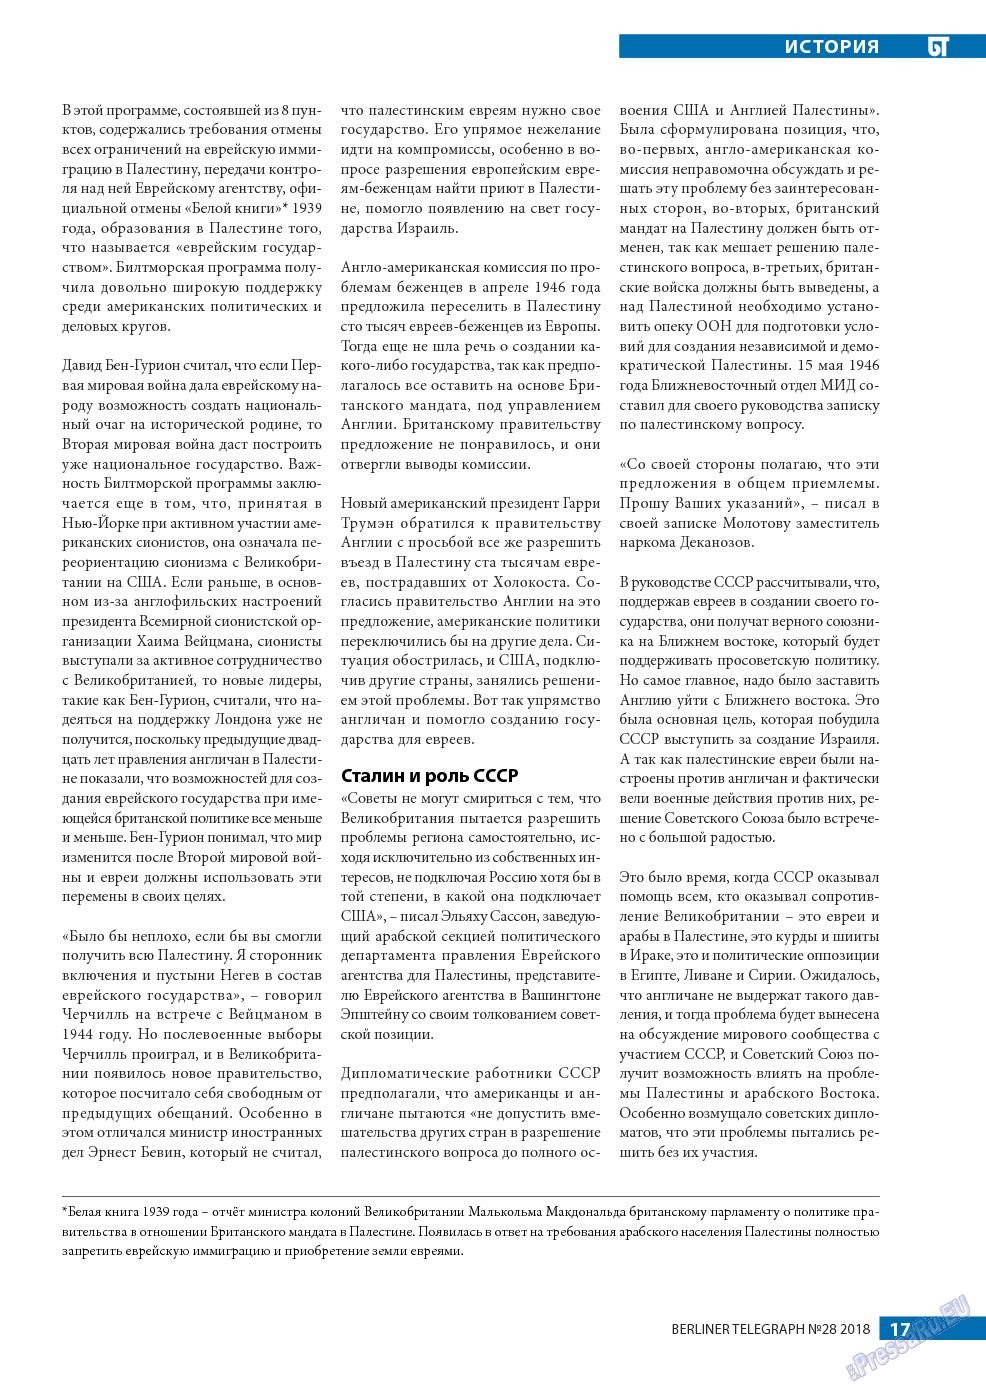 Берлинский телеграф (журнал). 2018 год, номер 28, стр. 17